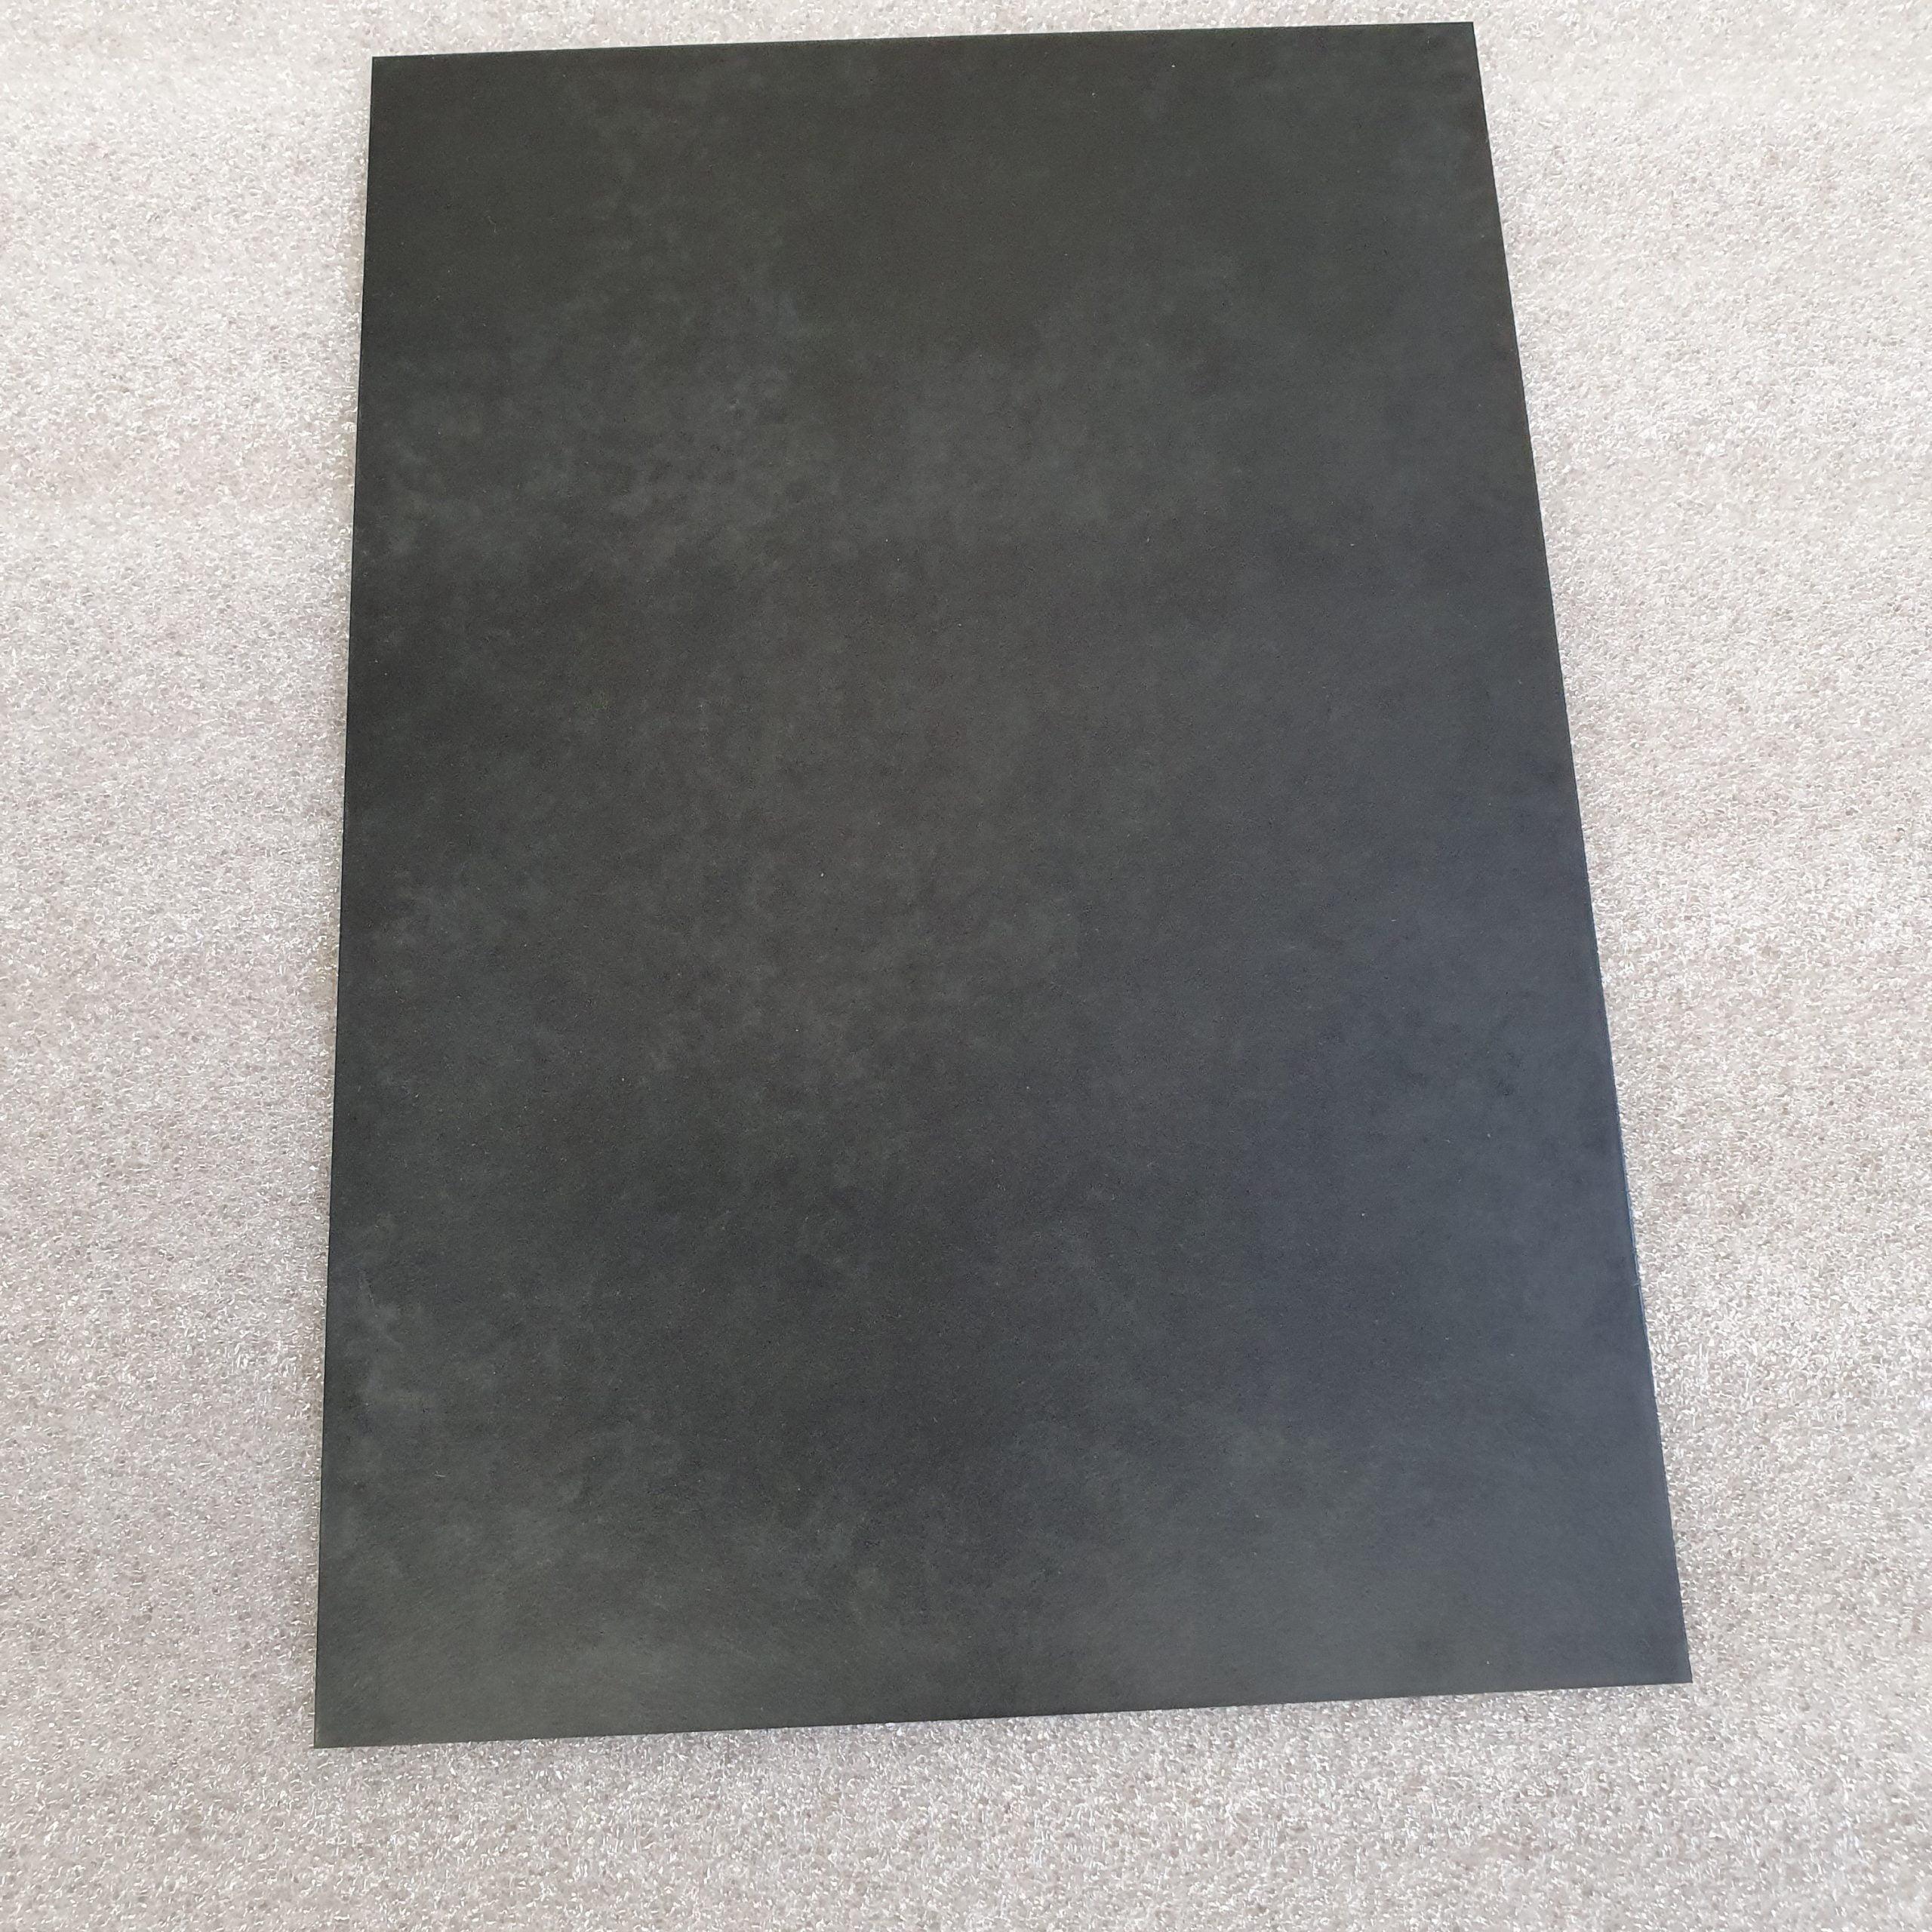 Dark Patina Zinc Sheet